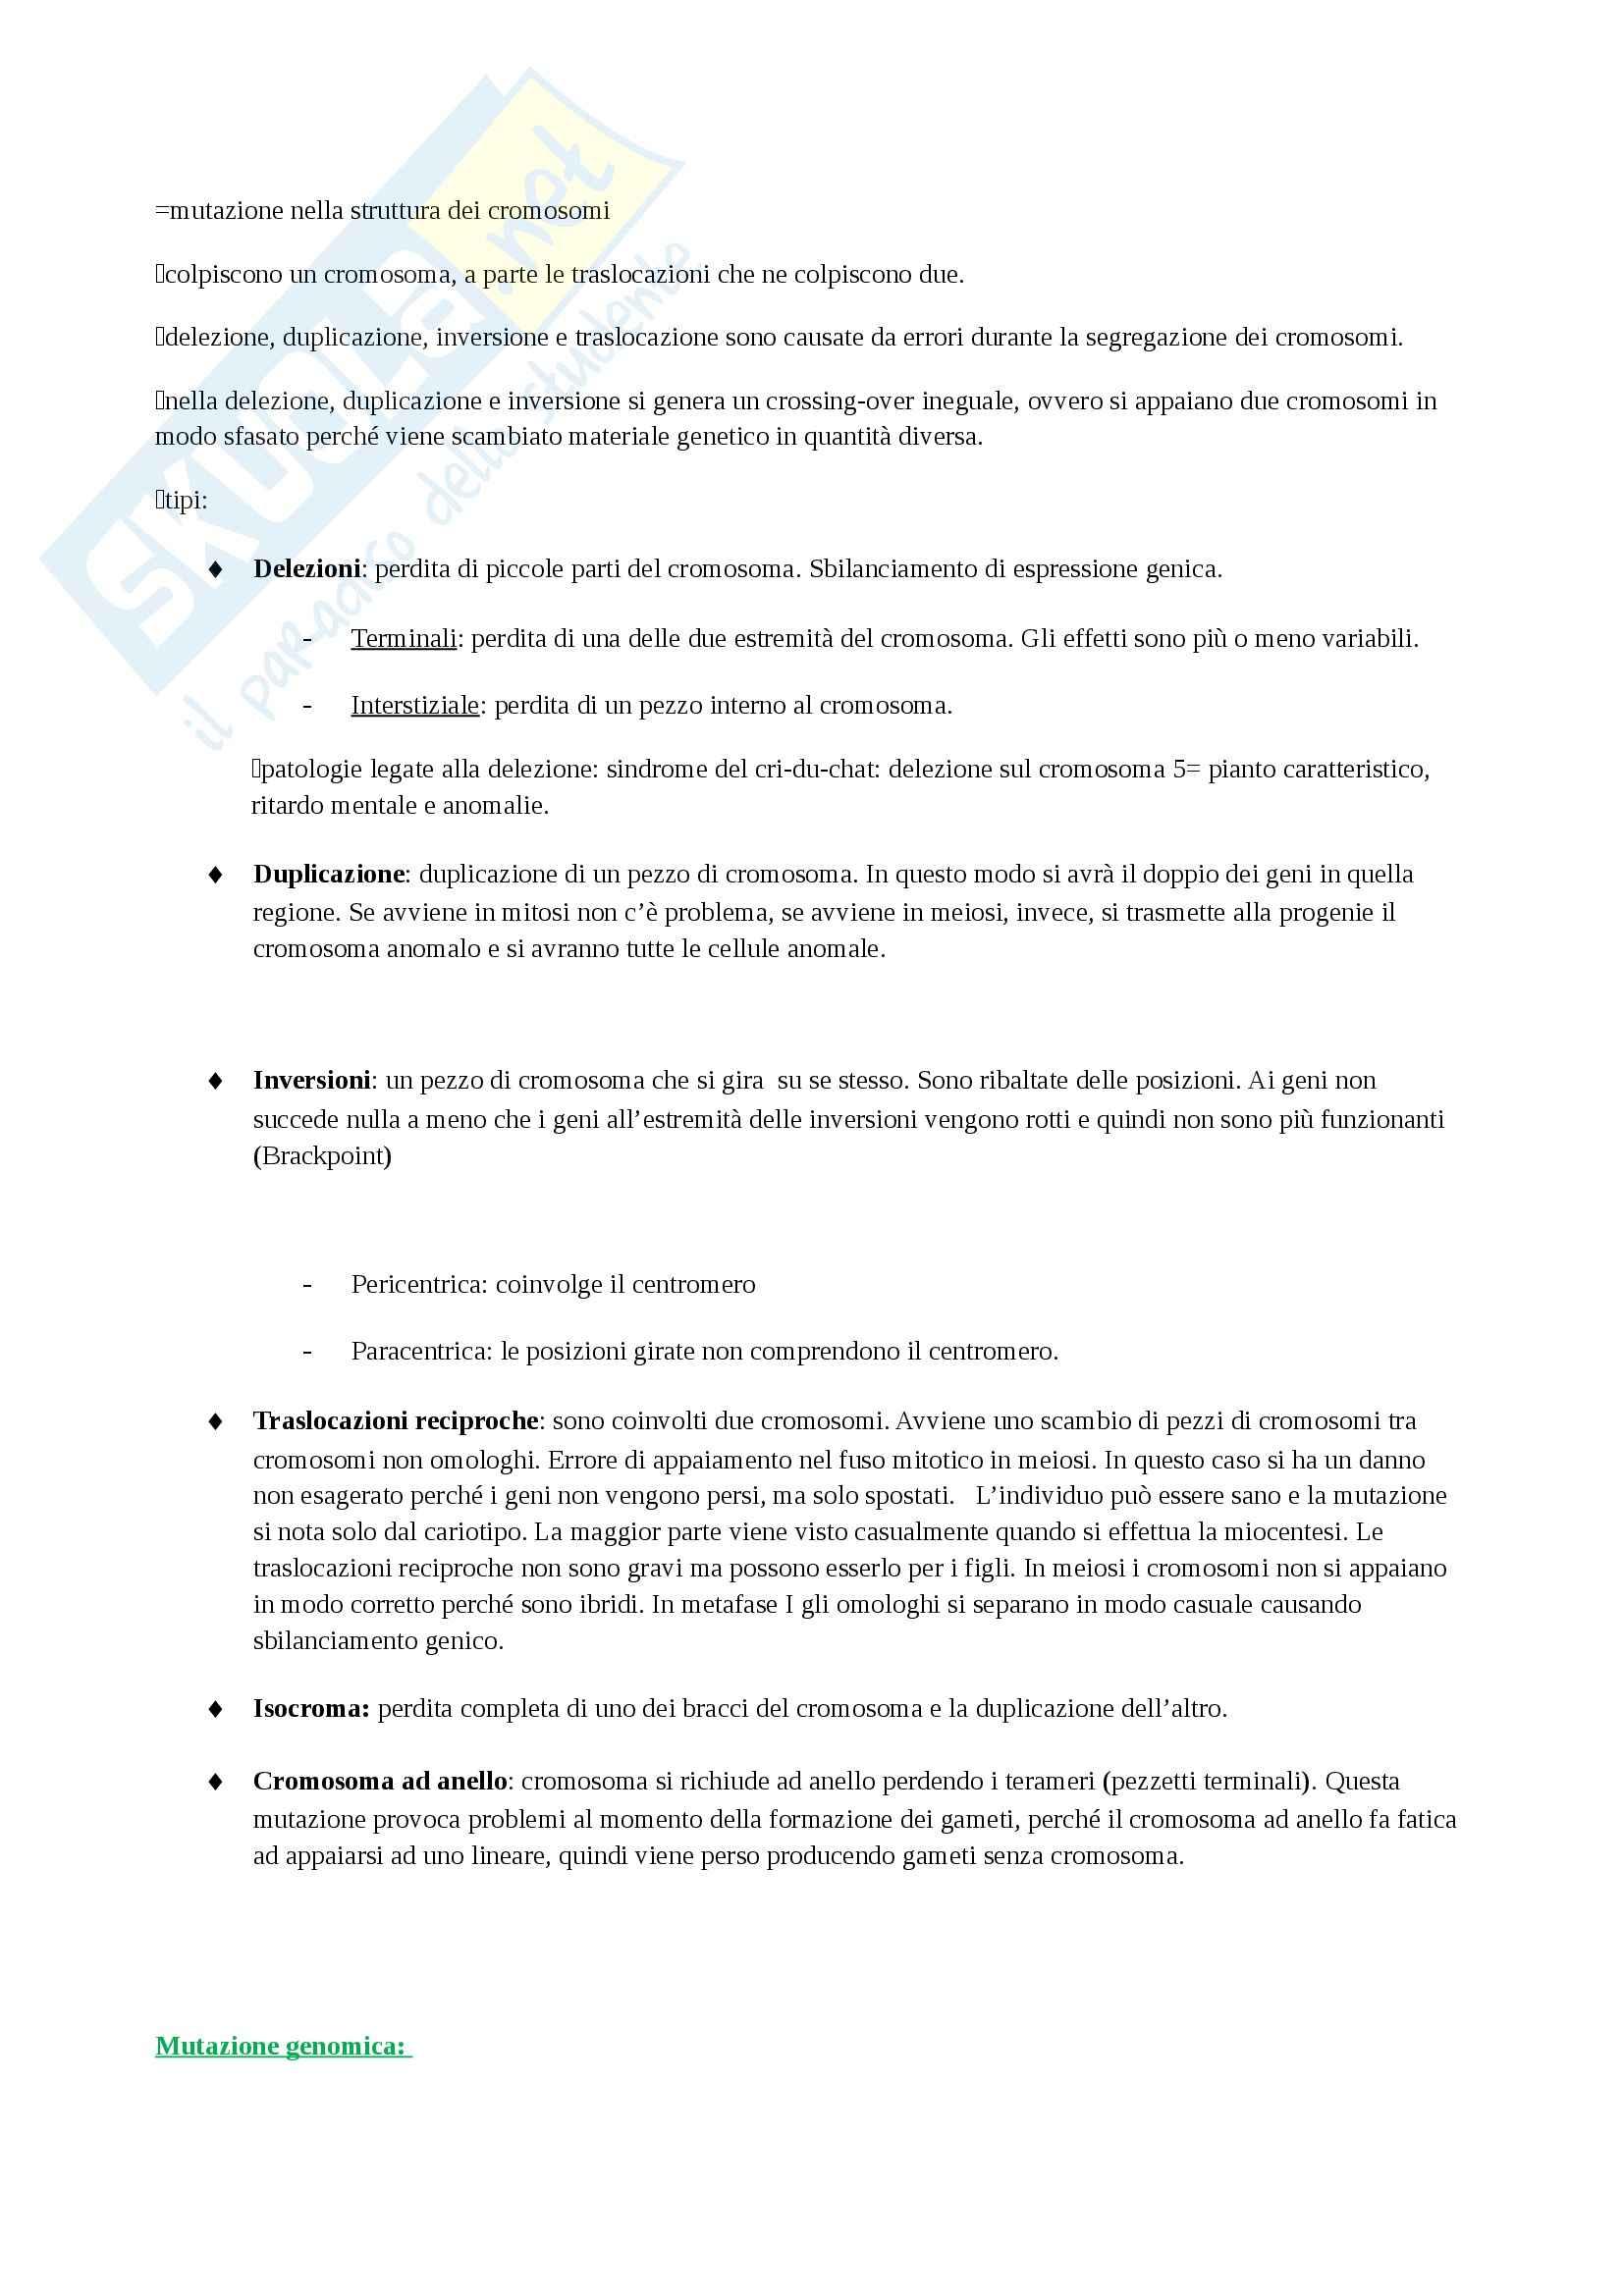 Biologia e genetica - Appunti Pag. 61